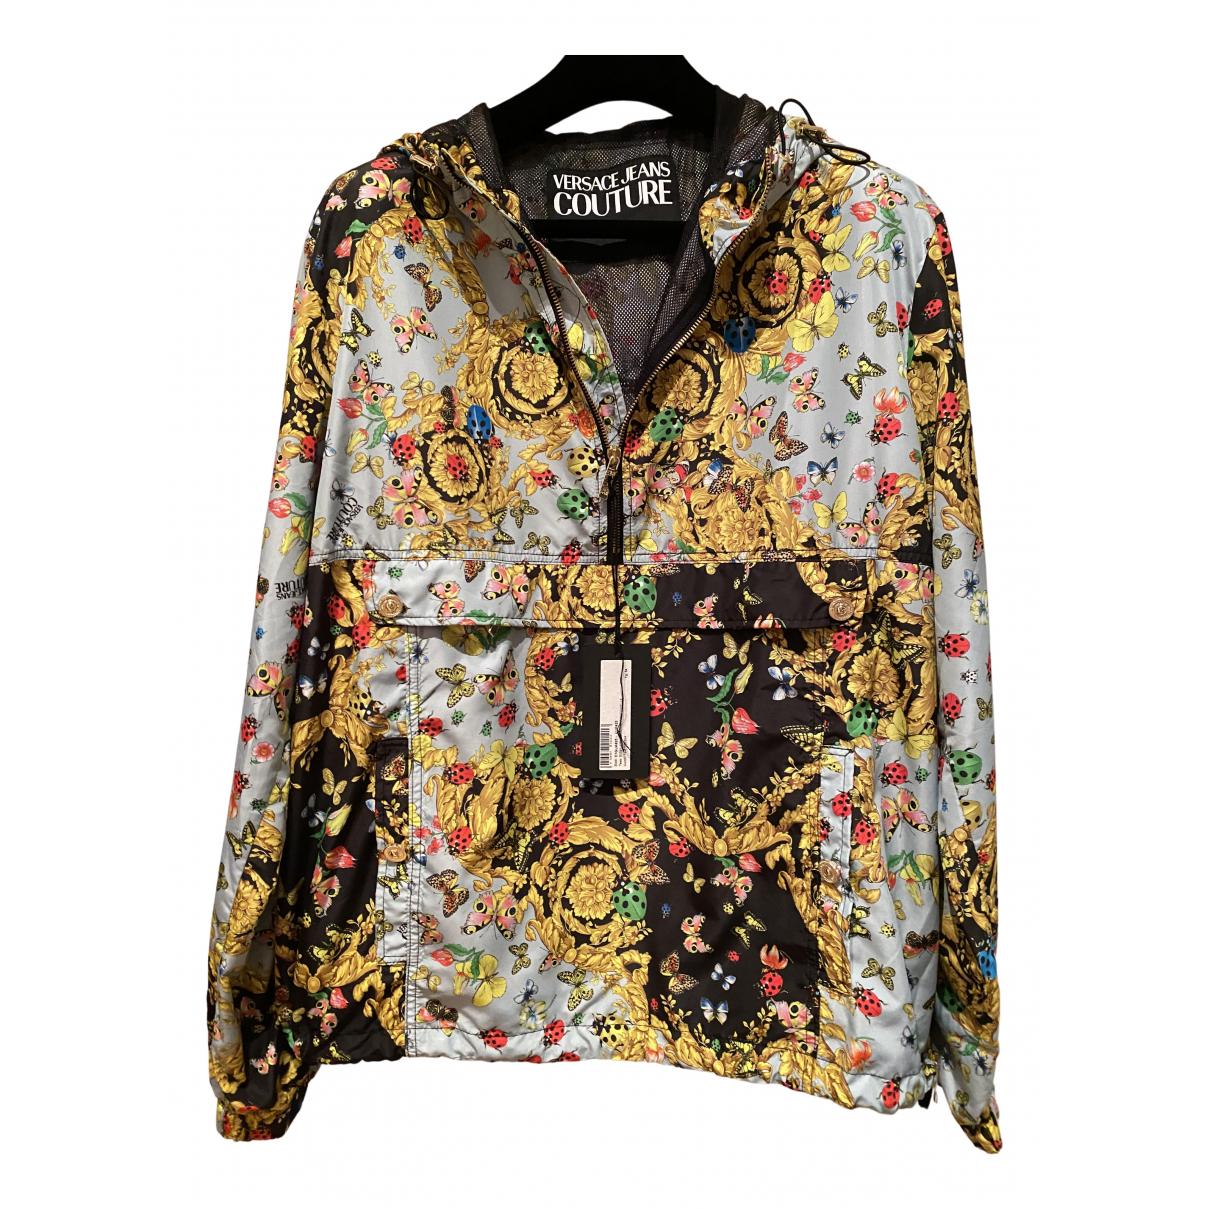 Versace Jean - Vestes.Blousons   pour homme - multicolore